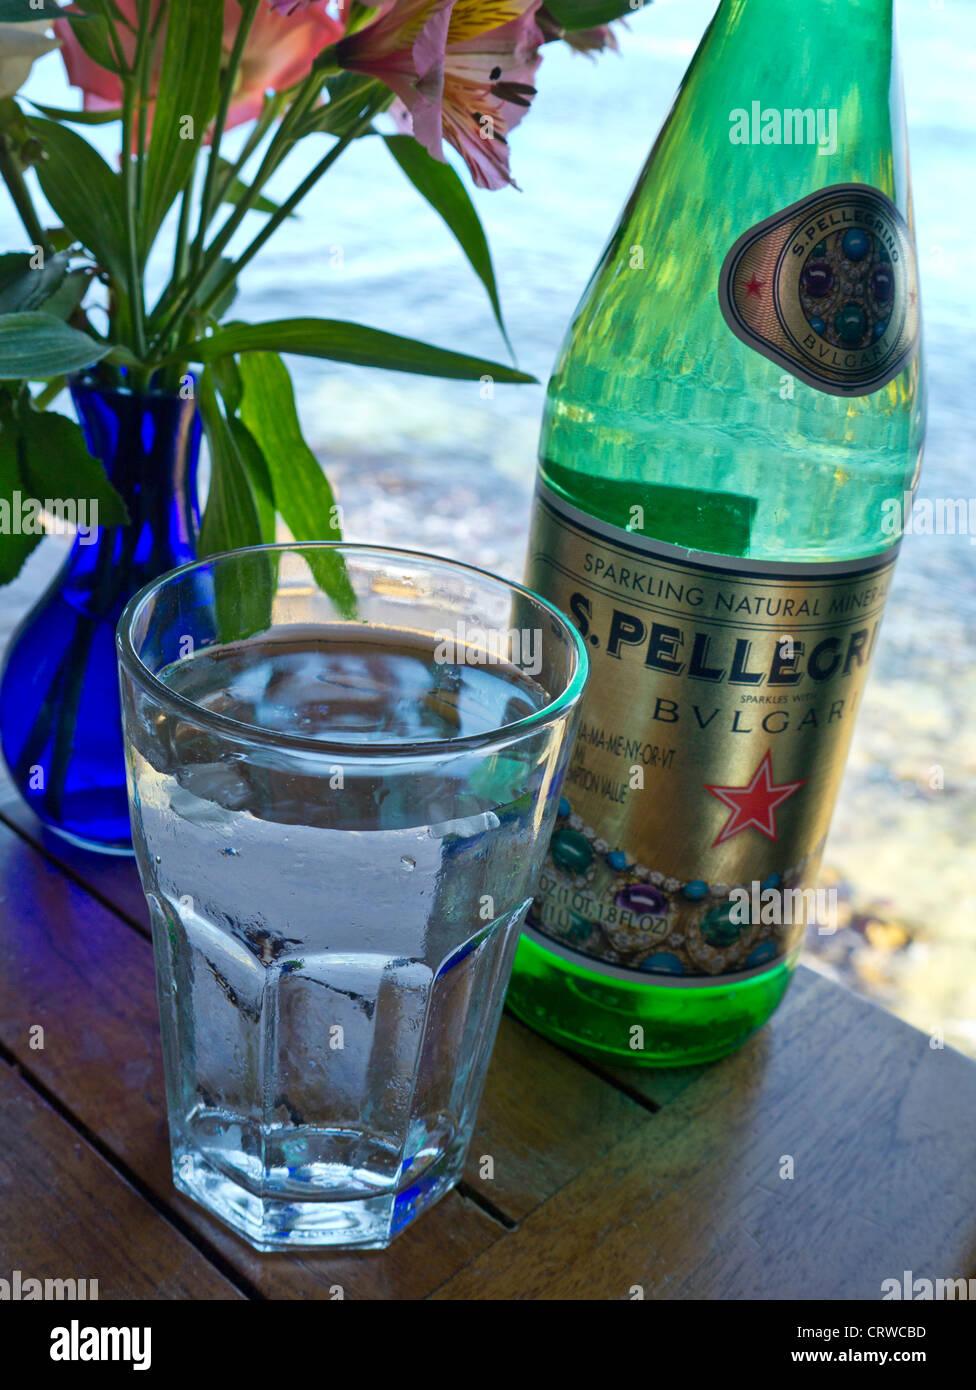 Pellegrino di lusso Bulgari e acqua in bottiglia in vetro con motivi floreali tabella ristorante con vista sul mare Immagini Stock